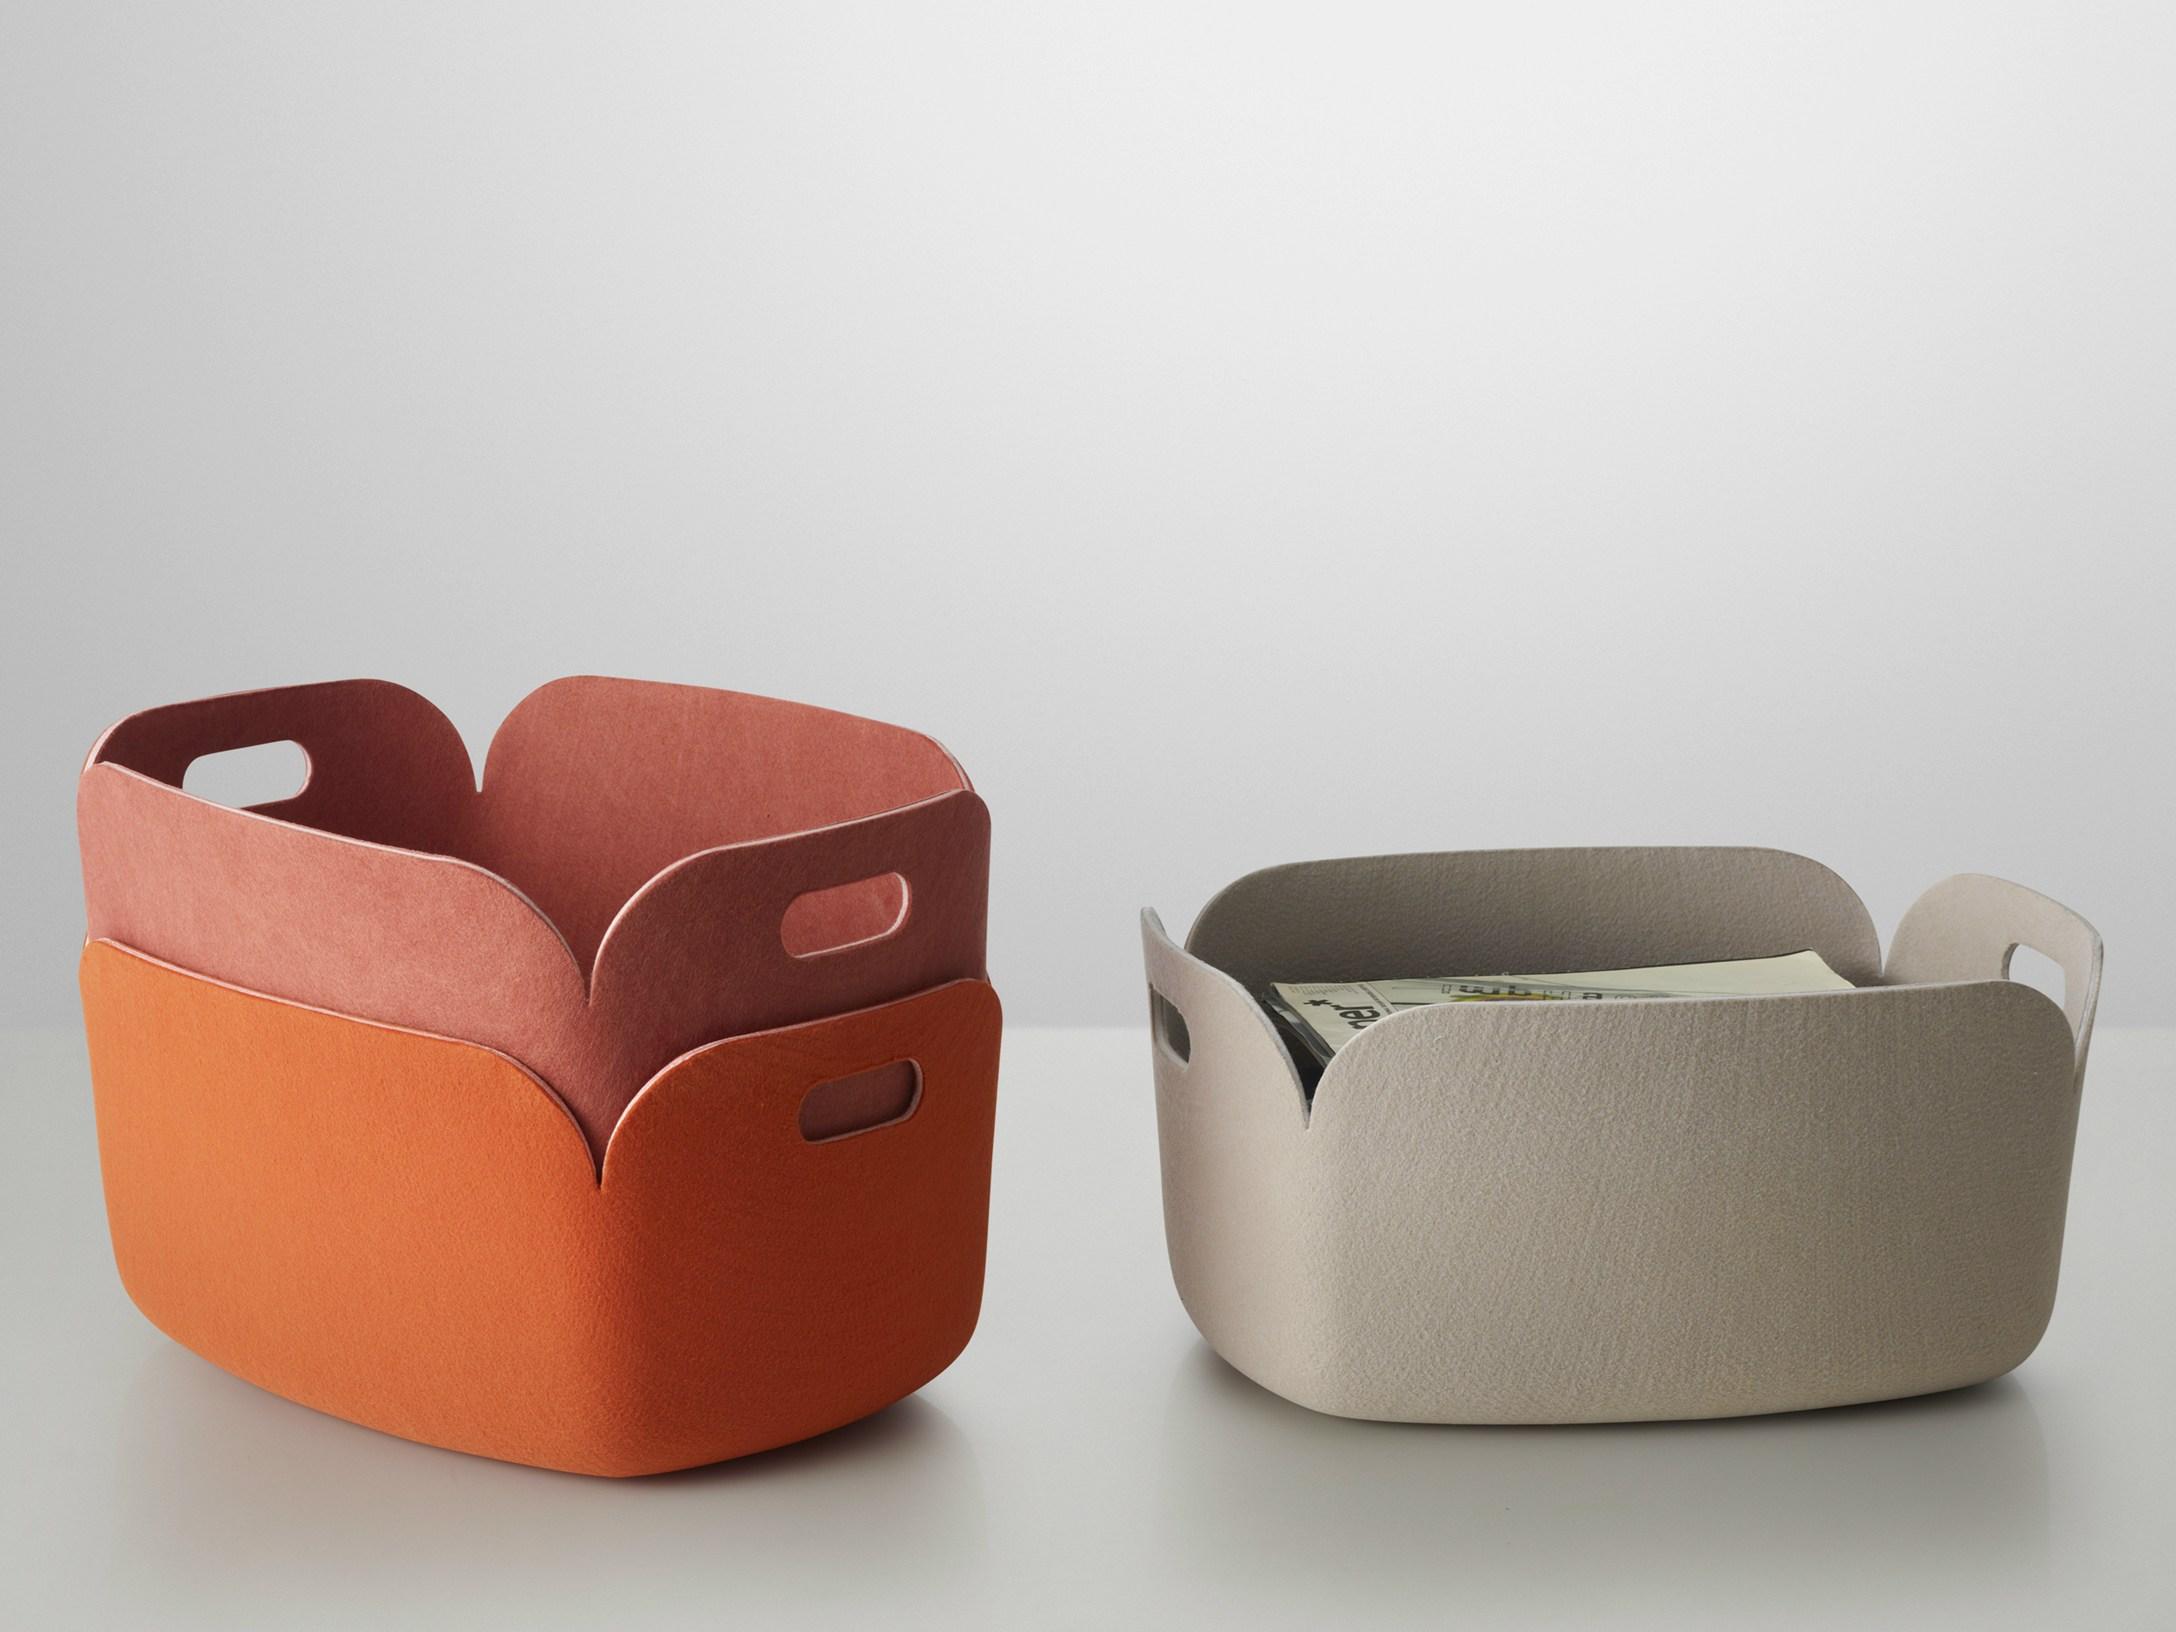 Portaoggetti Doccia Design: Restore il cesto contenitore per ...